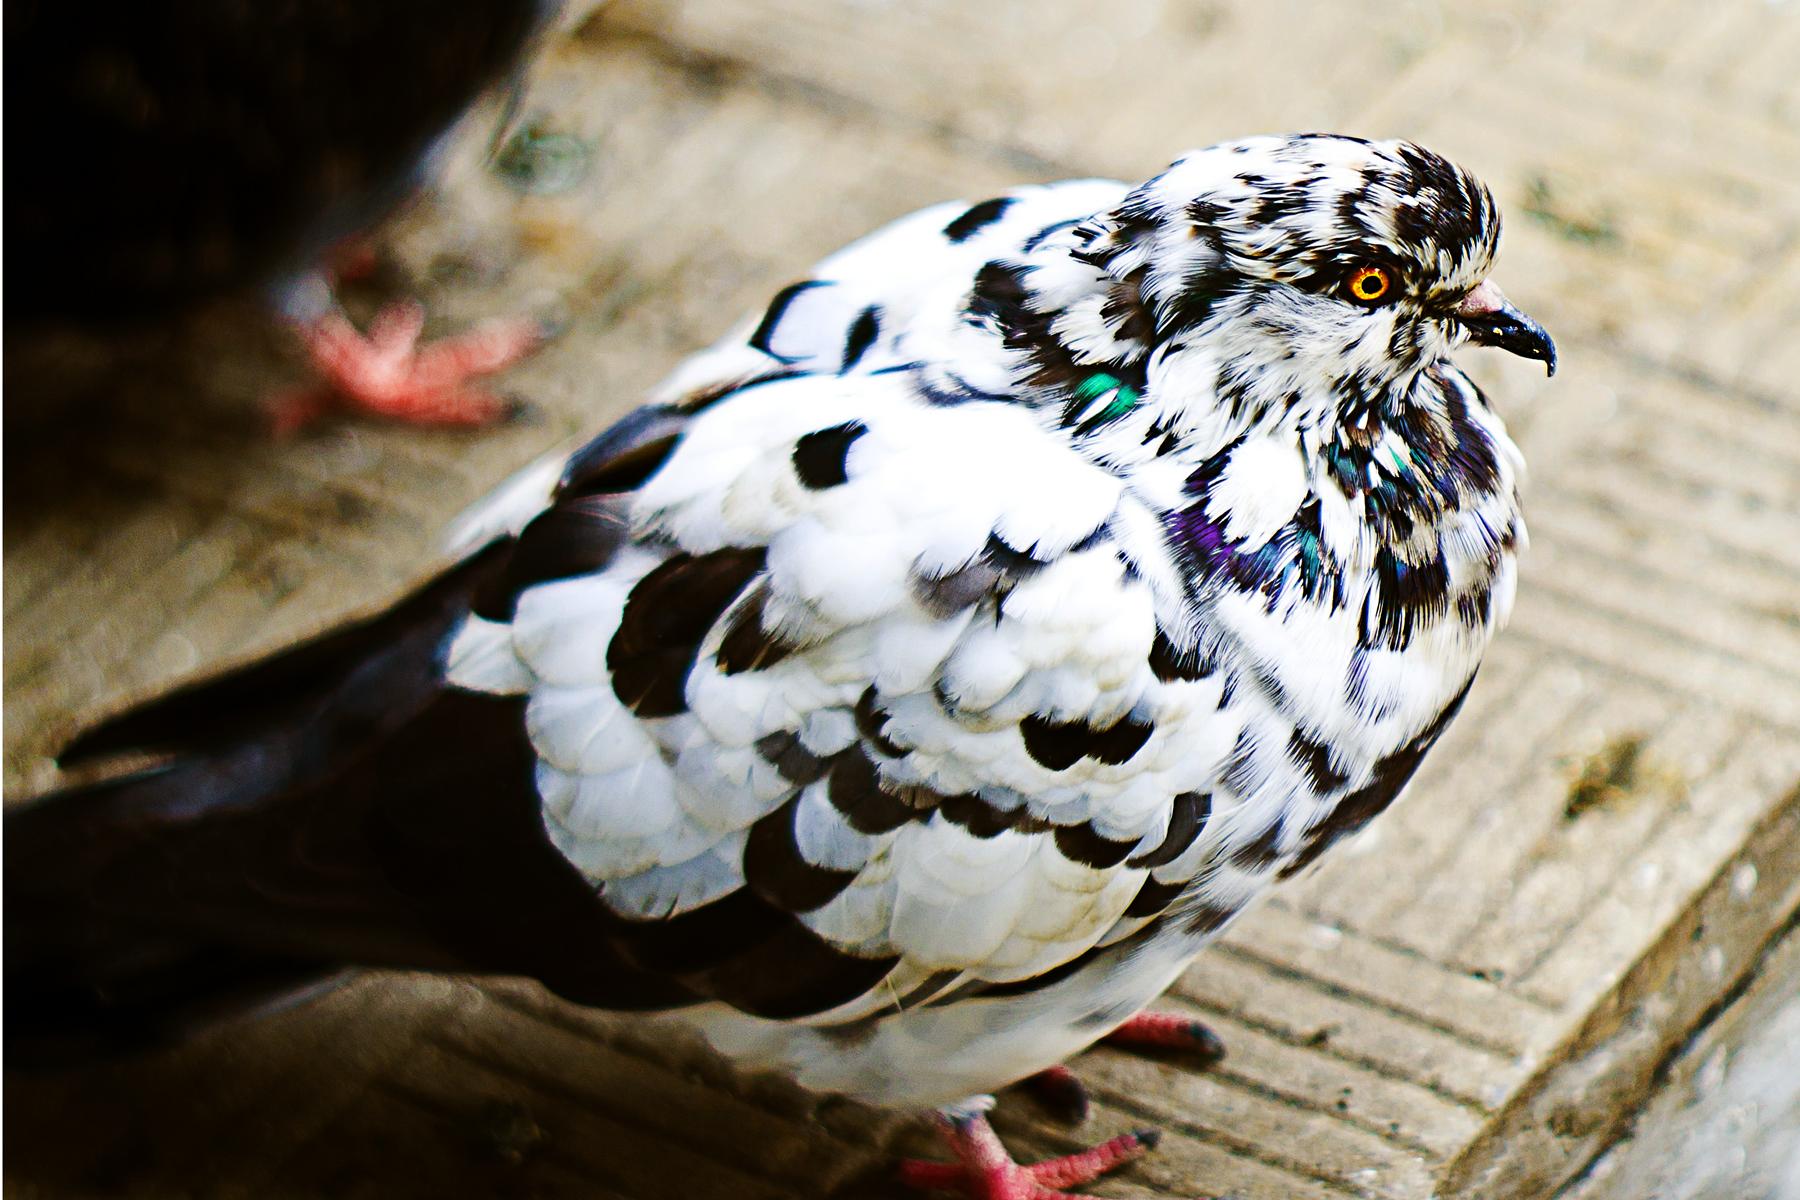 http://images.sevstar.net/images/95275734142474512249.jpg